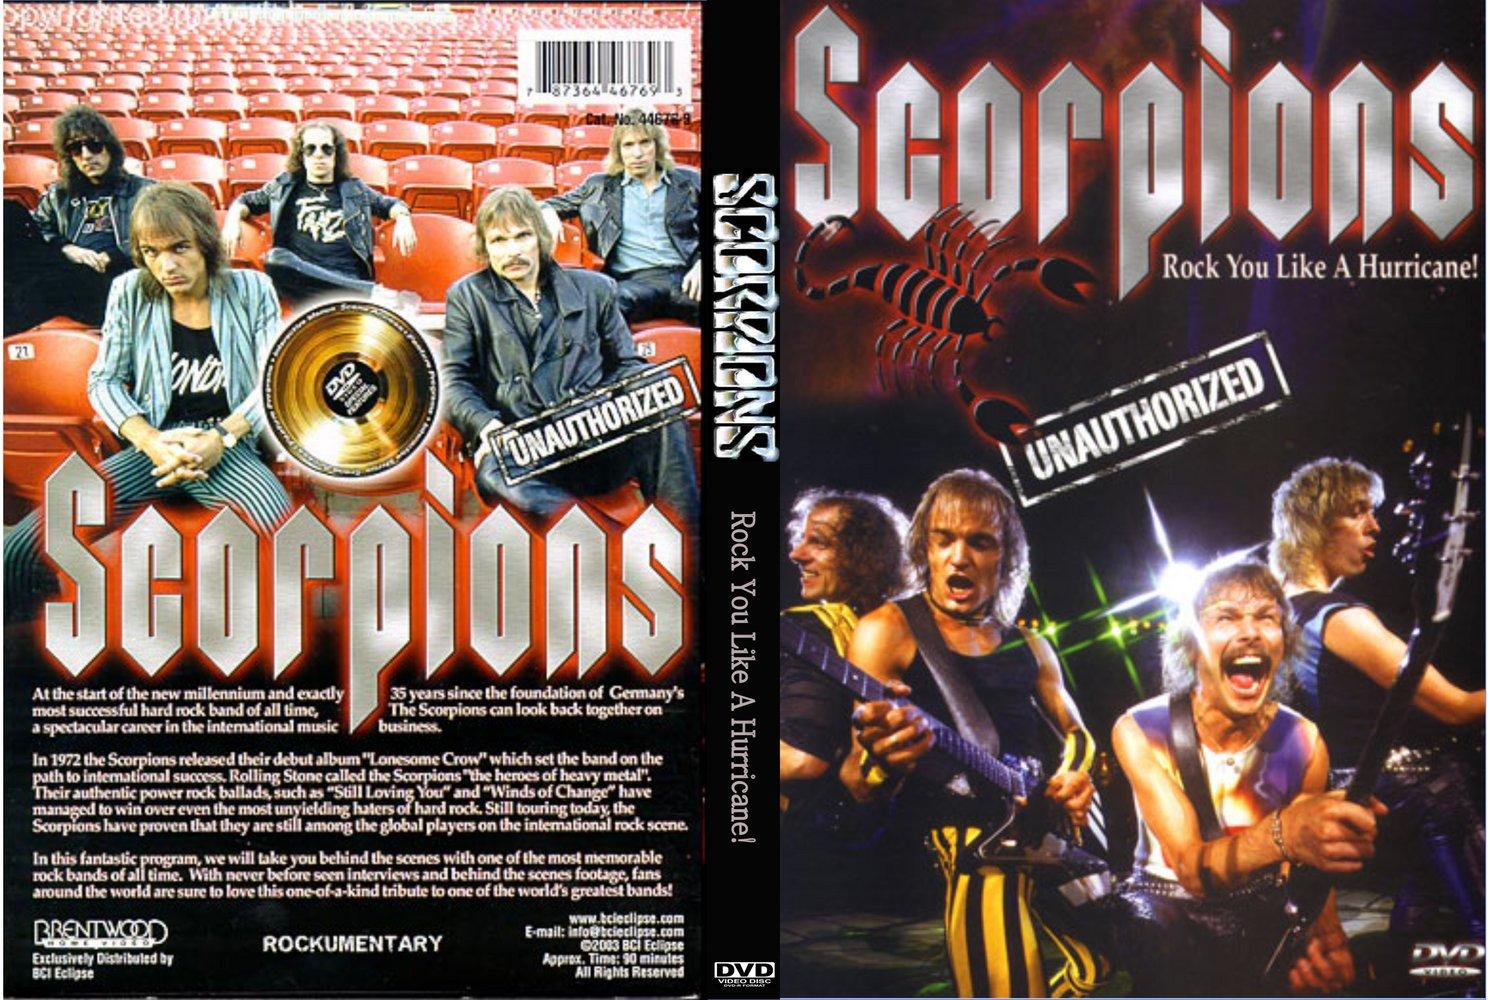 http://1.bp.blogspot.com/_brcl7Spzbn4/TJiq9s4gXQI/AAAAAAAAAsc/qmwLx6rnqy0/s1600/Scorpions_Rock_You_Like_A_Hurricane-front.jpg